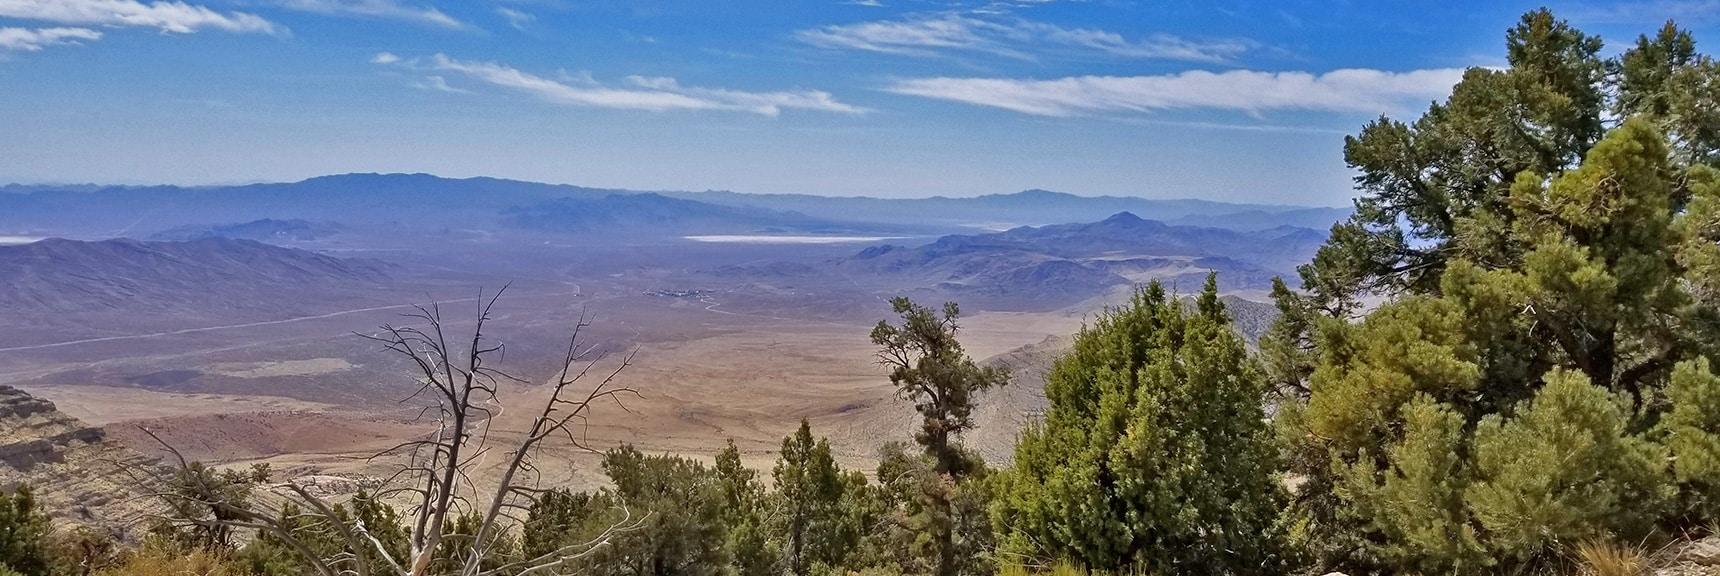 Panorama View Back Down the Upper Ridge | Potosi Mountain Spring Mountains Nevada